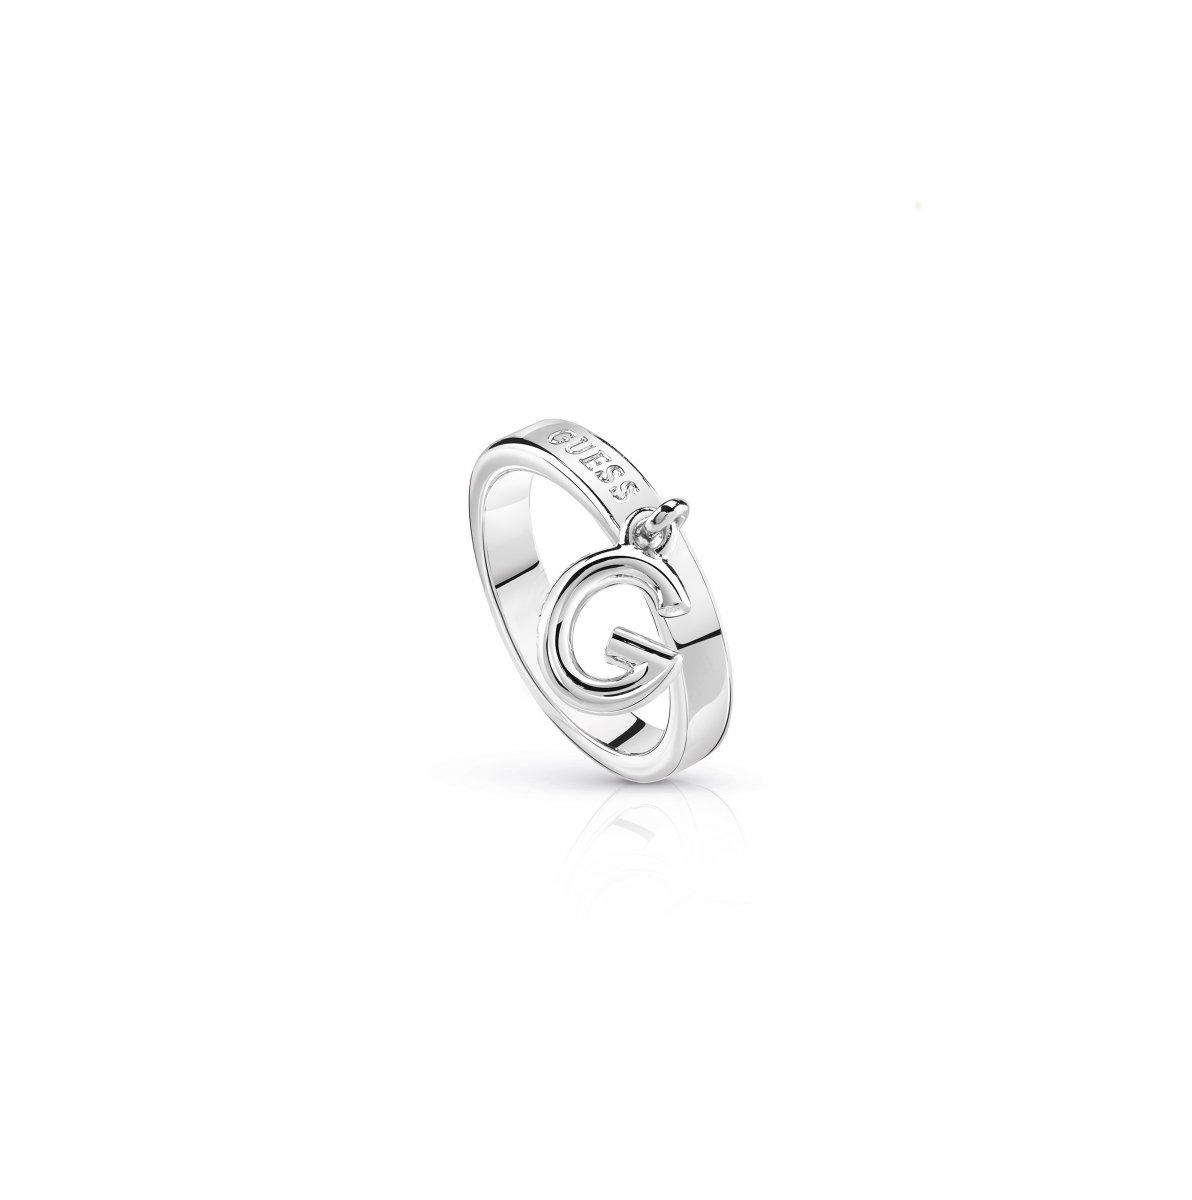 Strieborný prsteň GUESS s G